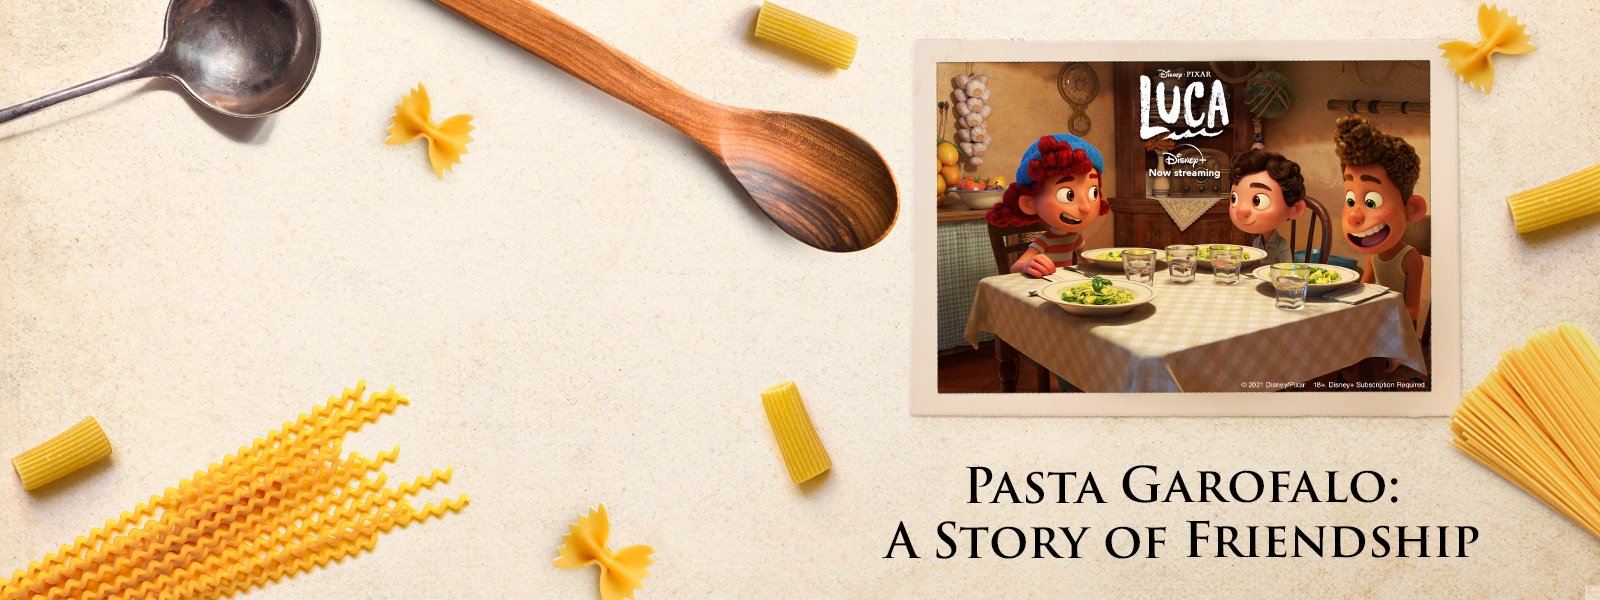 Pasta Garofalo viert de smaak van de Italiaanse zomer met Luca van Disney en Pixar